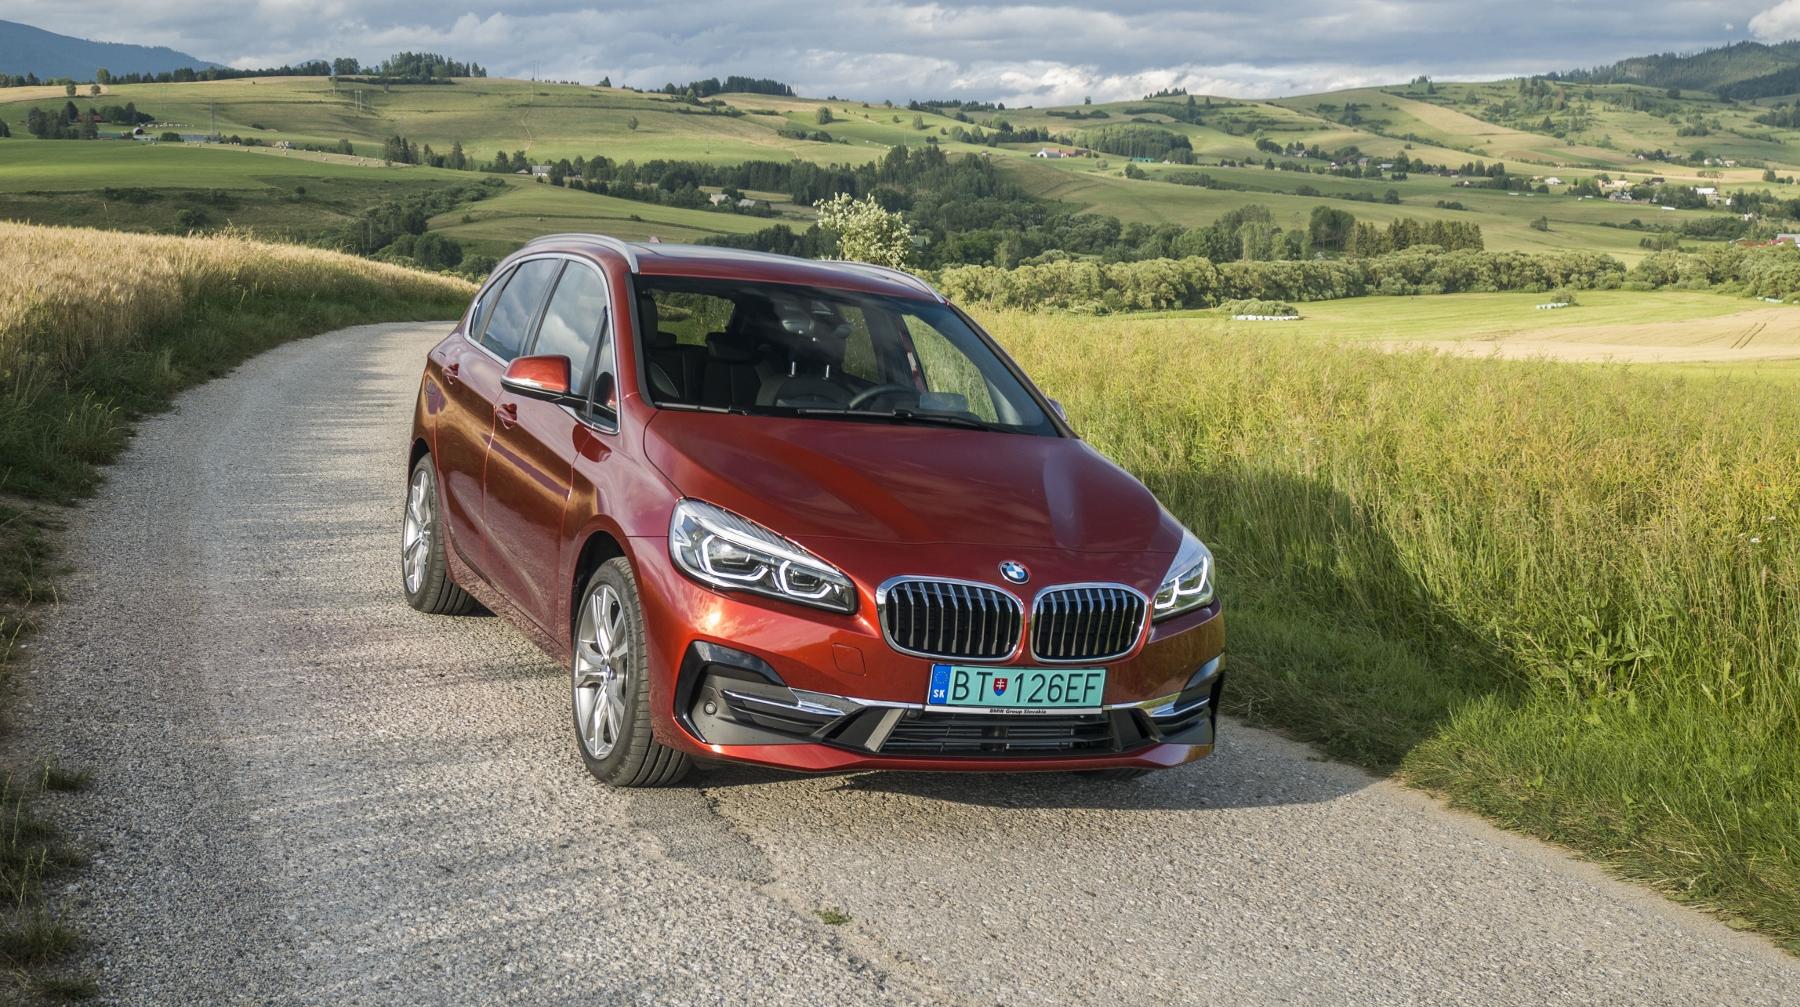 BMW 225 xe (1)